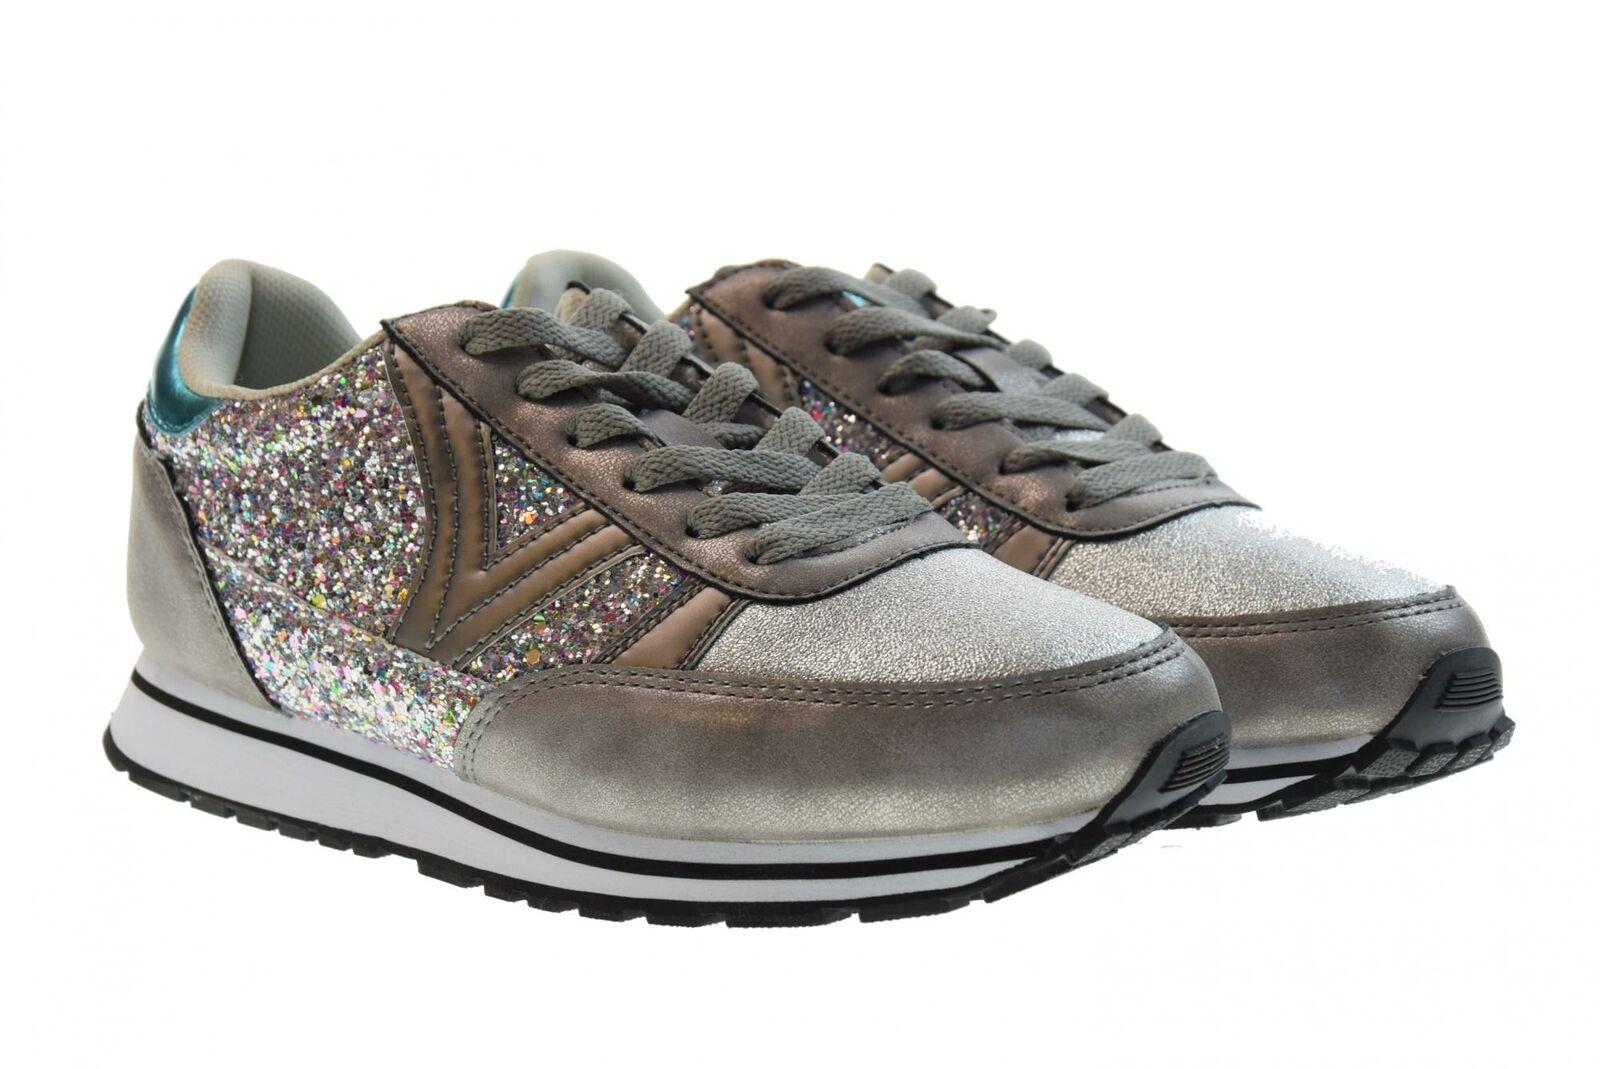 Victoria P19s chaussures femmes Pantoufles bajas 141113 argent